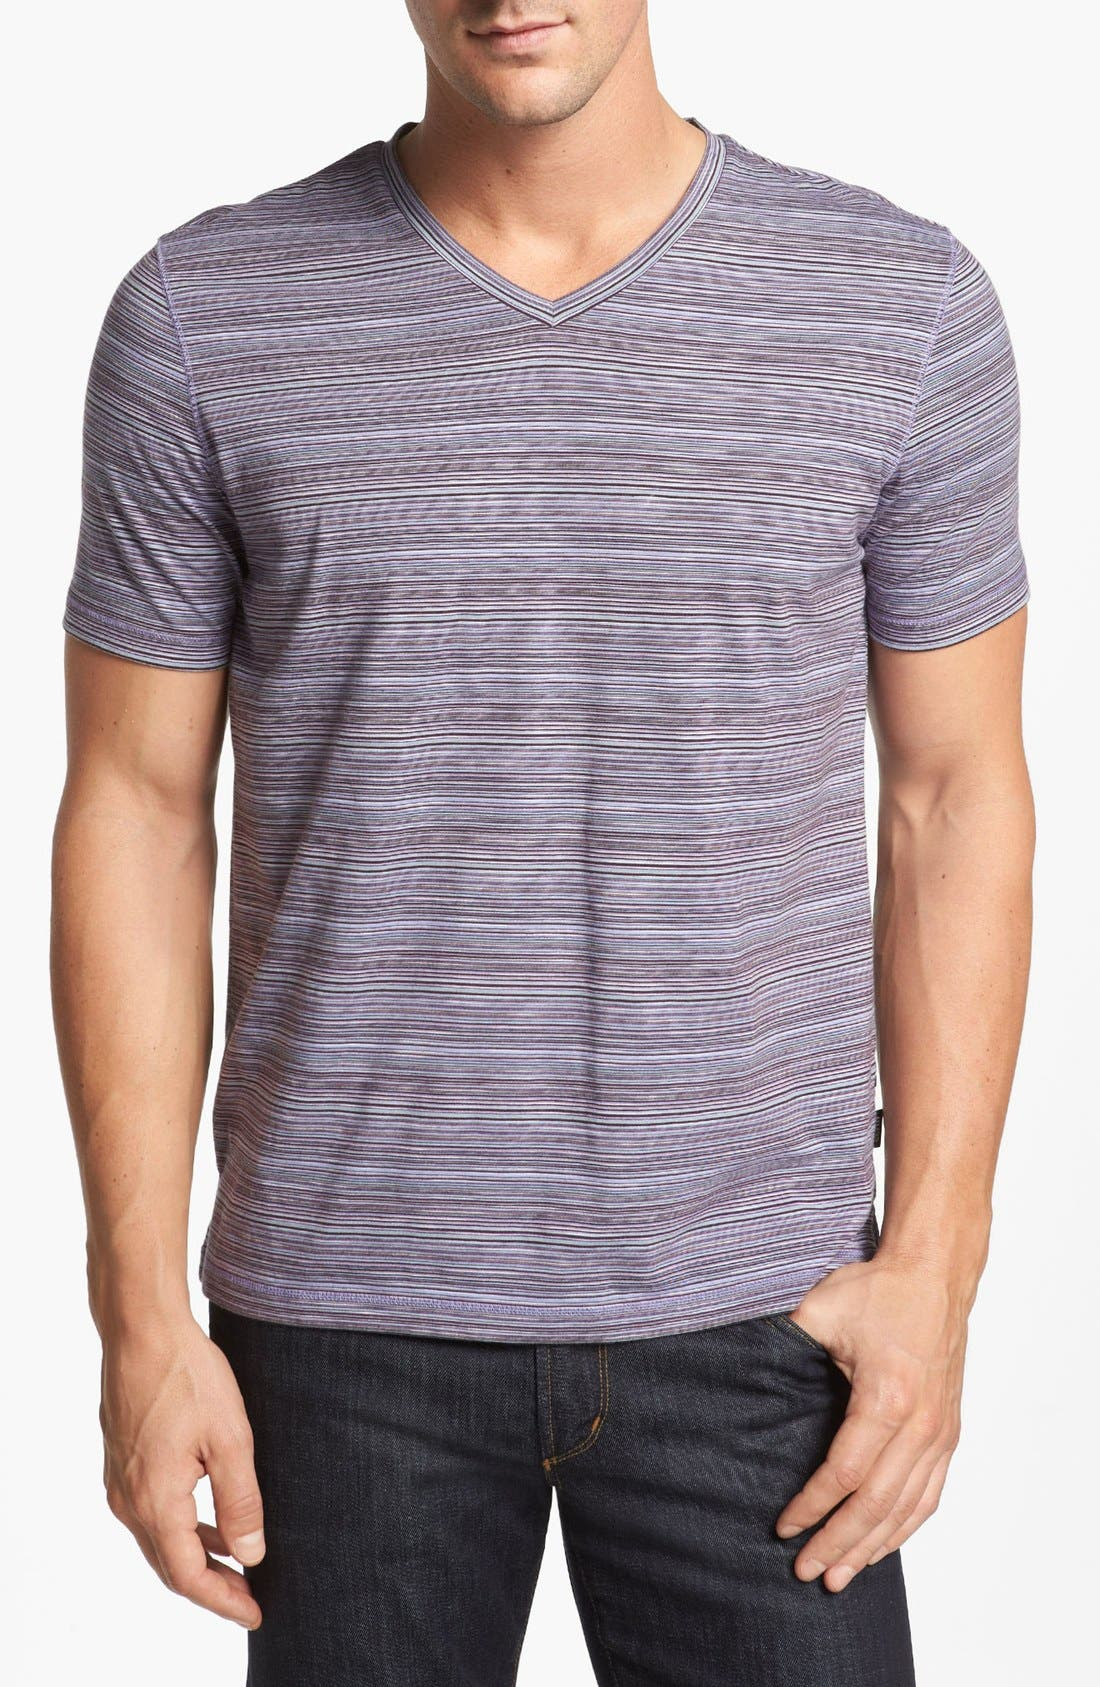 Main Image - BOSS HUGO BOSS 'Canistro' V-Neck T-Shirt